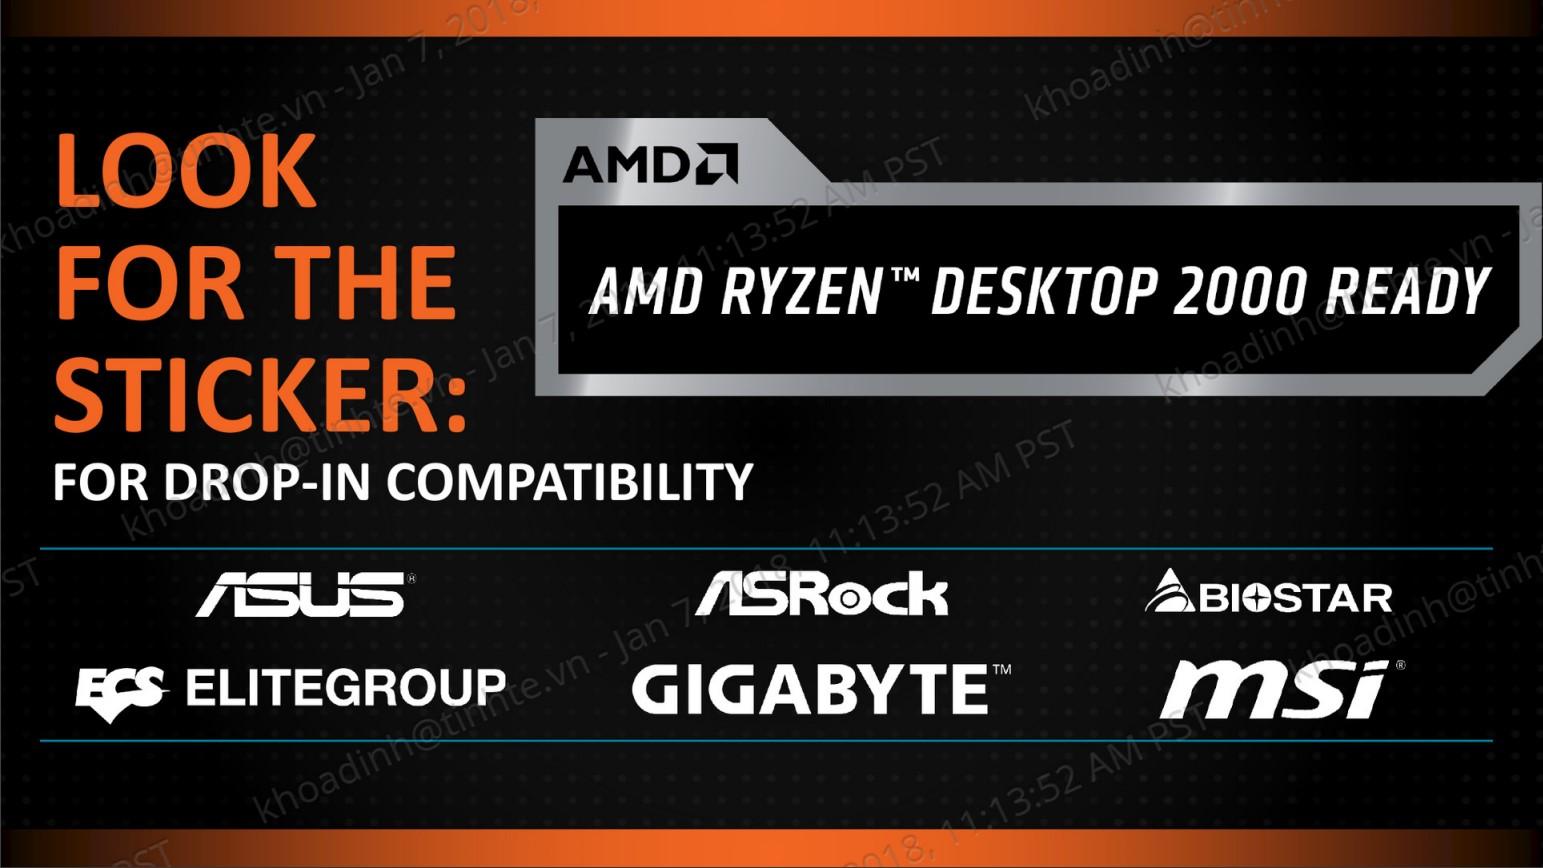 AMD Ryzen APU ready.jpg